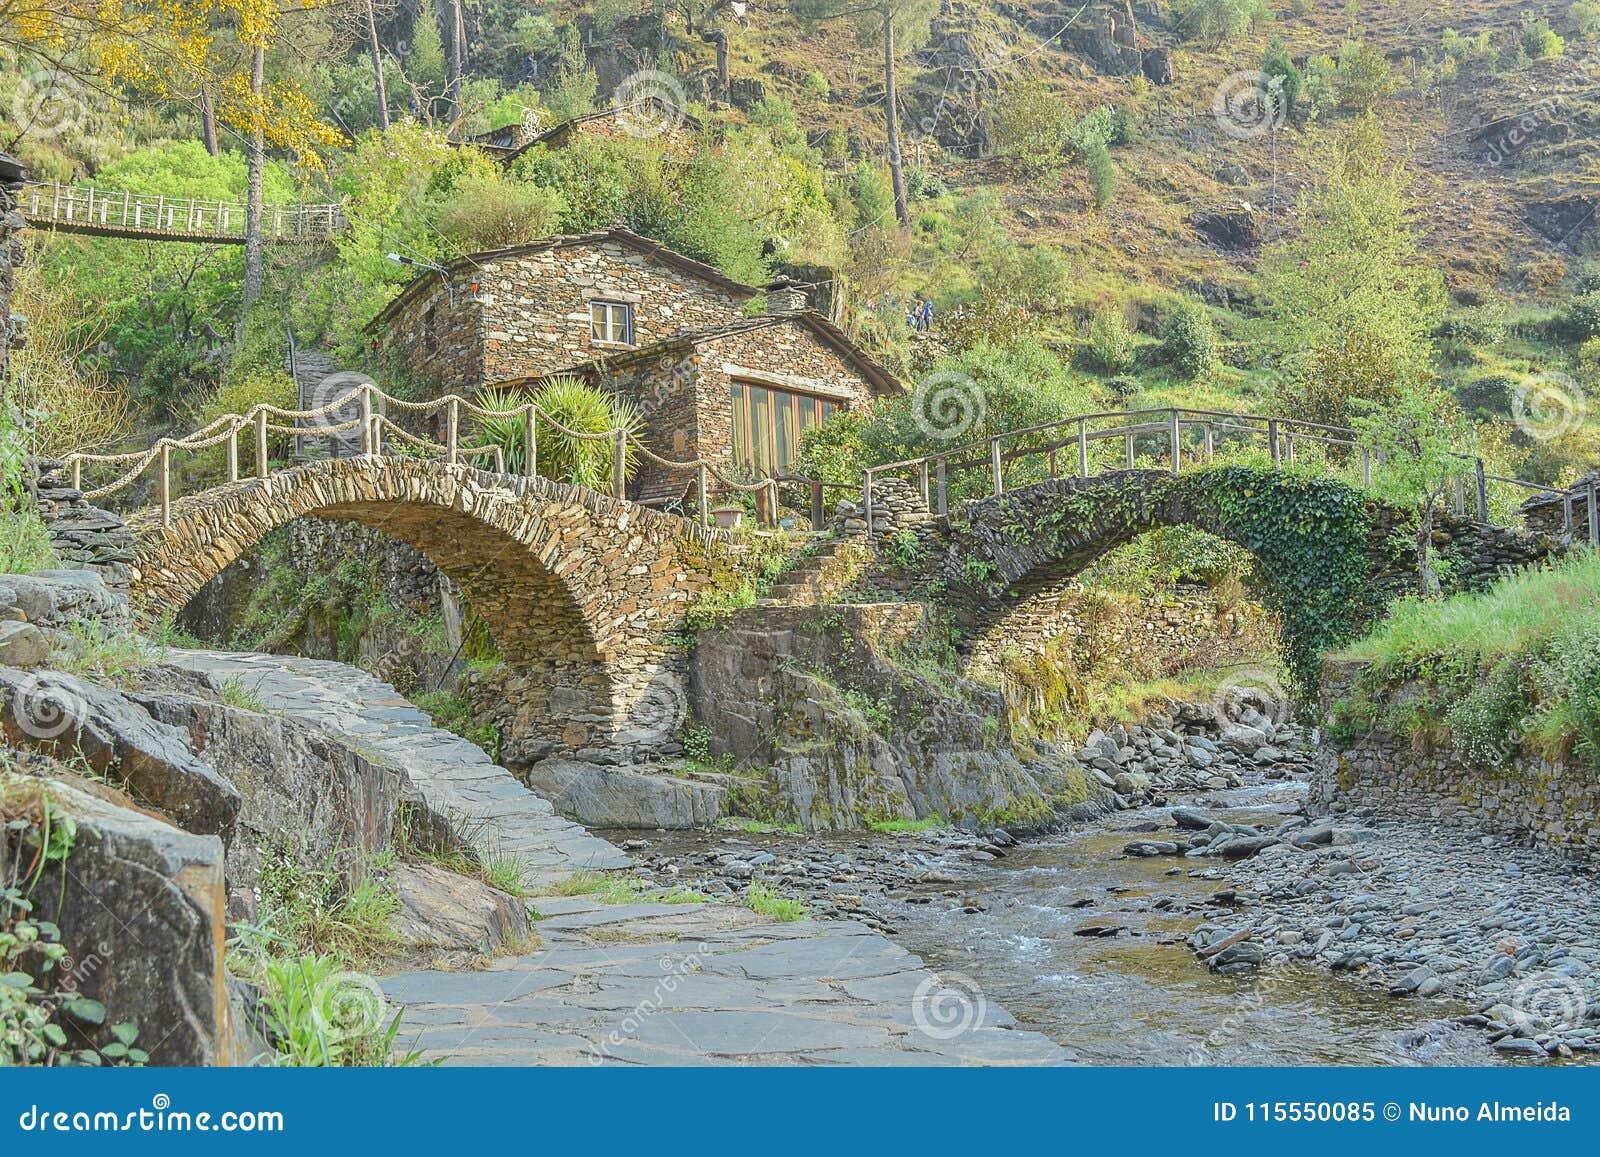 Case In Pietra Di Montagna : Casa di pietra di village della montagna vecchia immagine stock